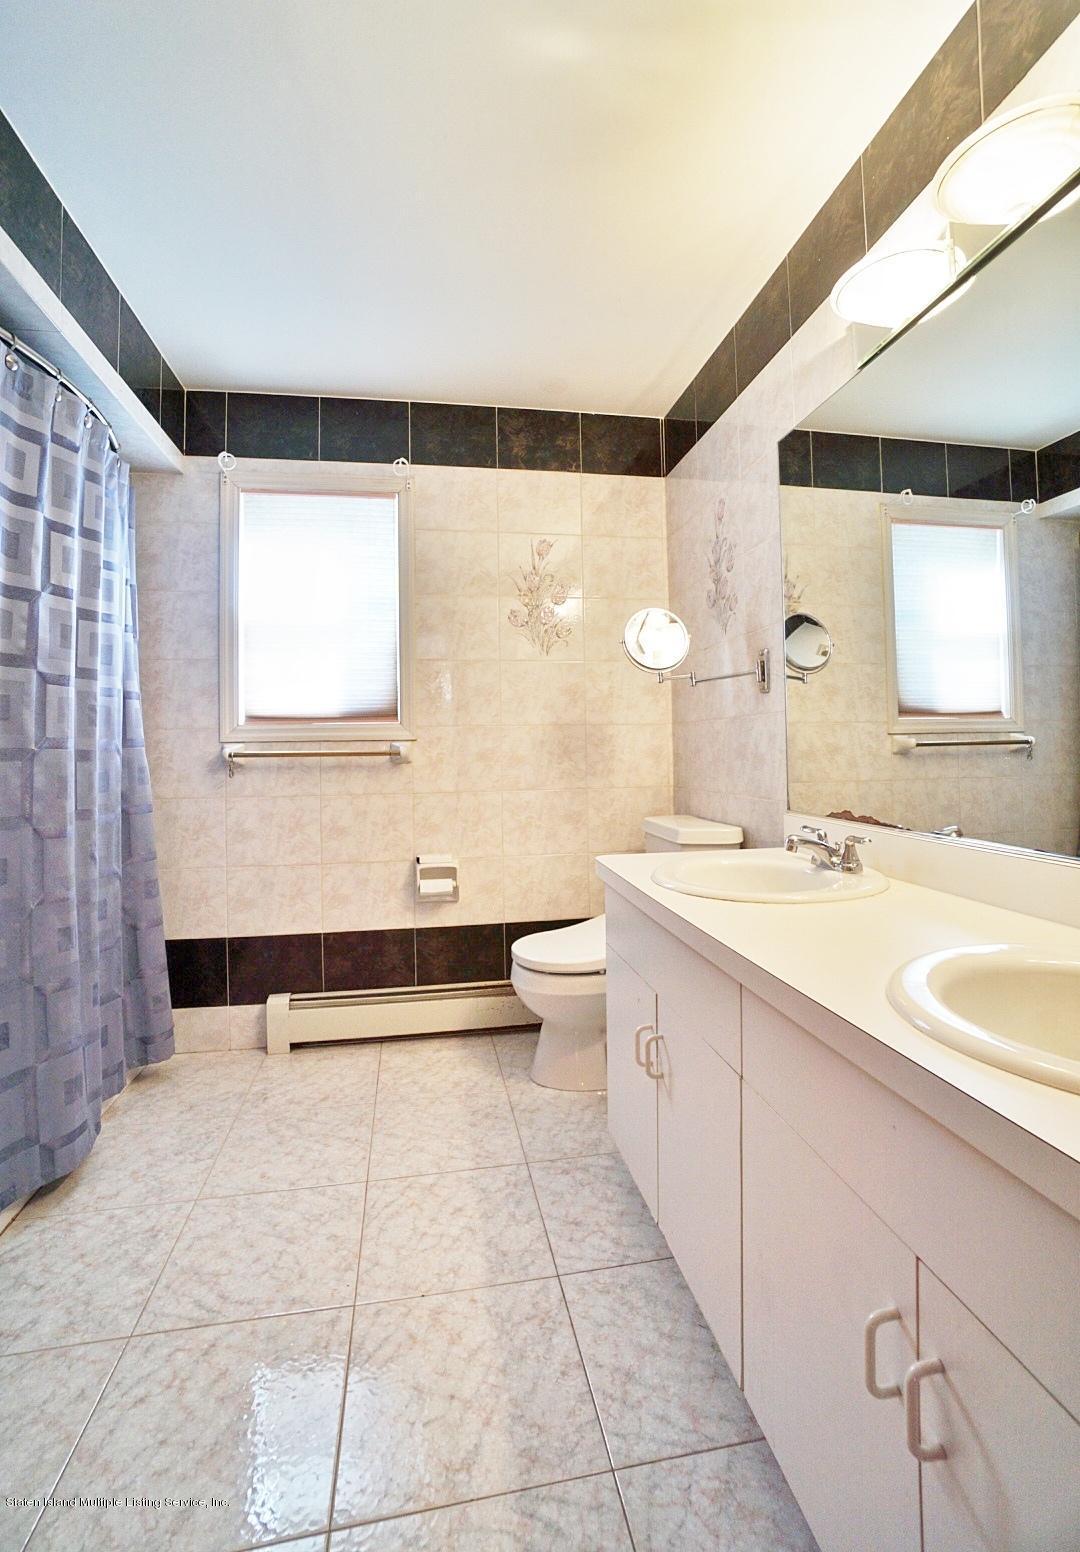 Single Family - Detached 329 Mcbaine Avenue  Staten Island, NY 10309, MLS-1127552-26